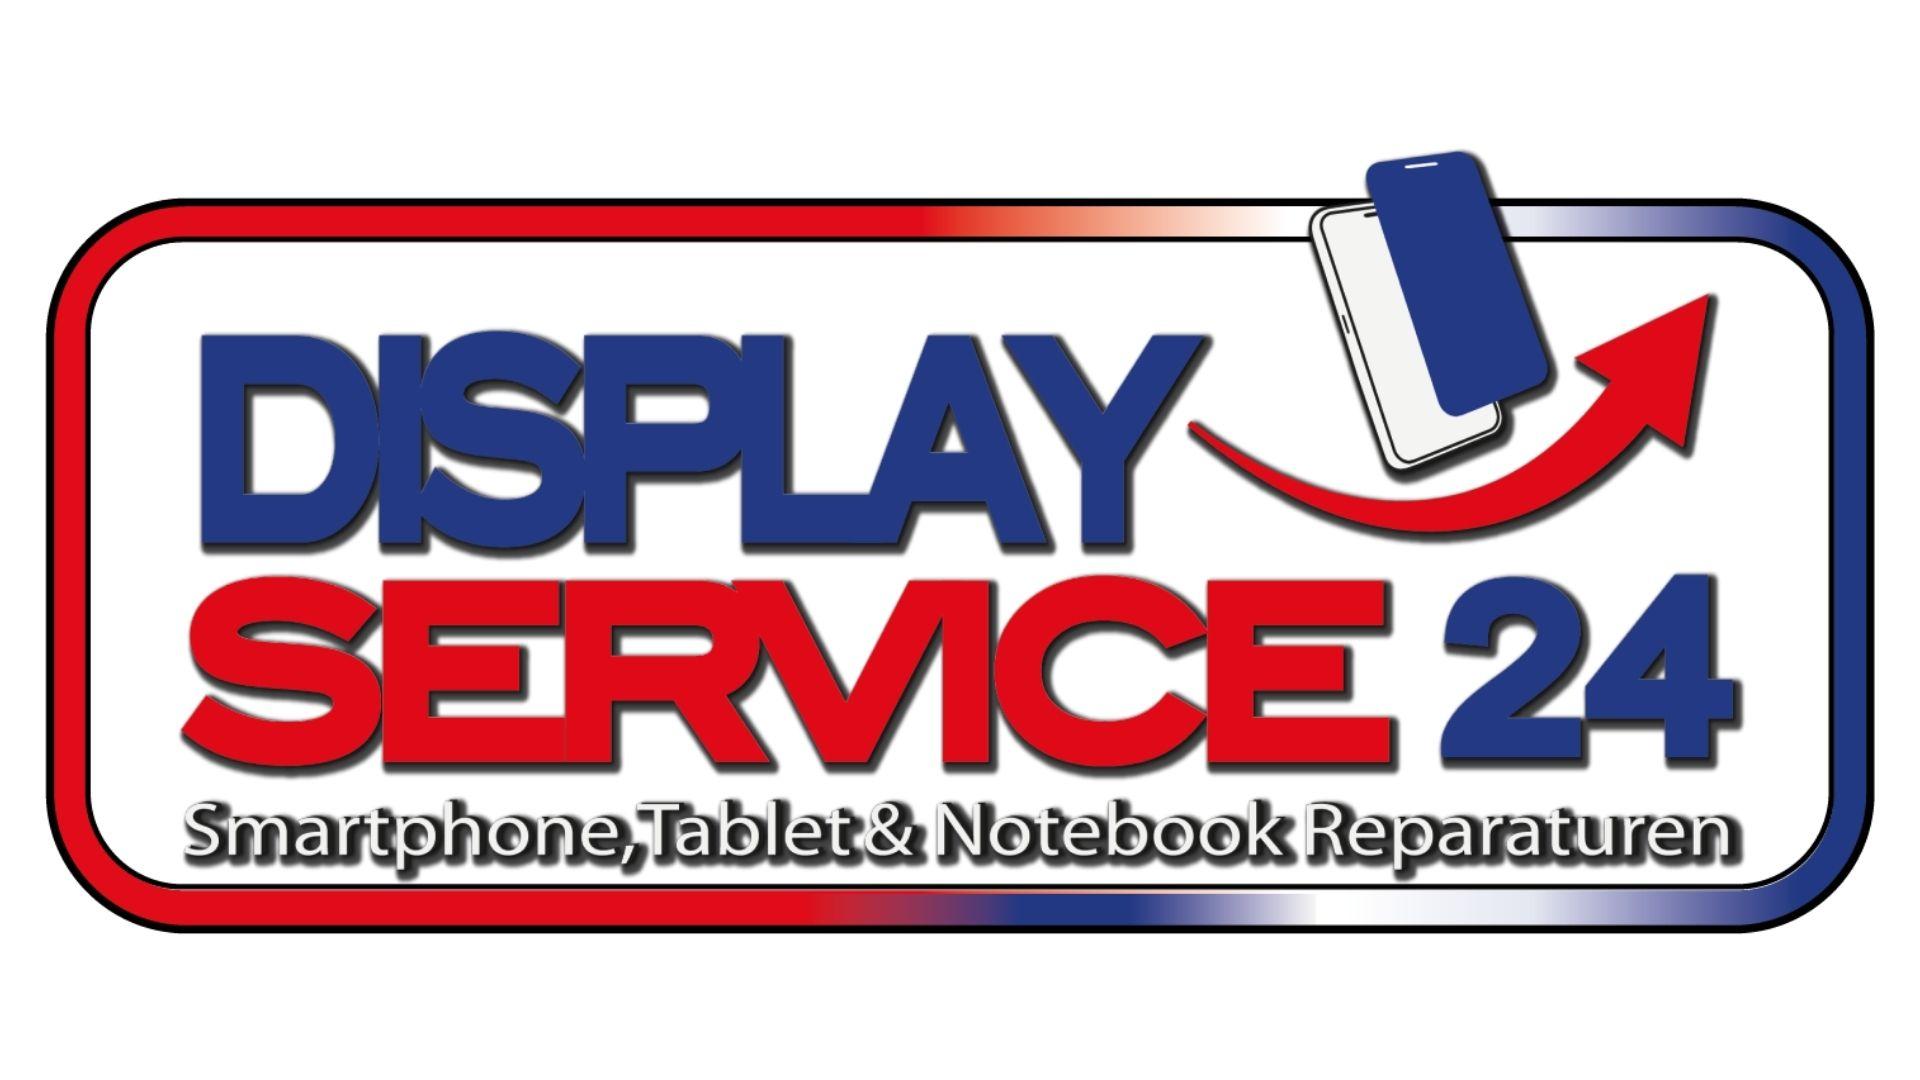 iPhone Express Reparatur